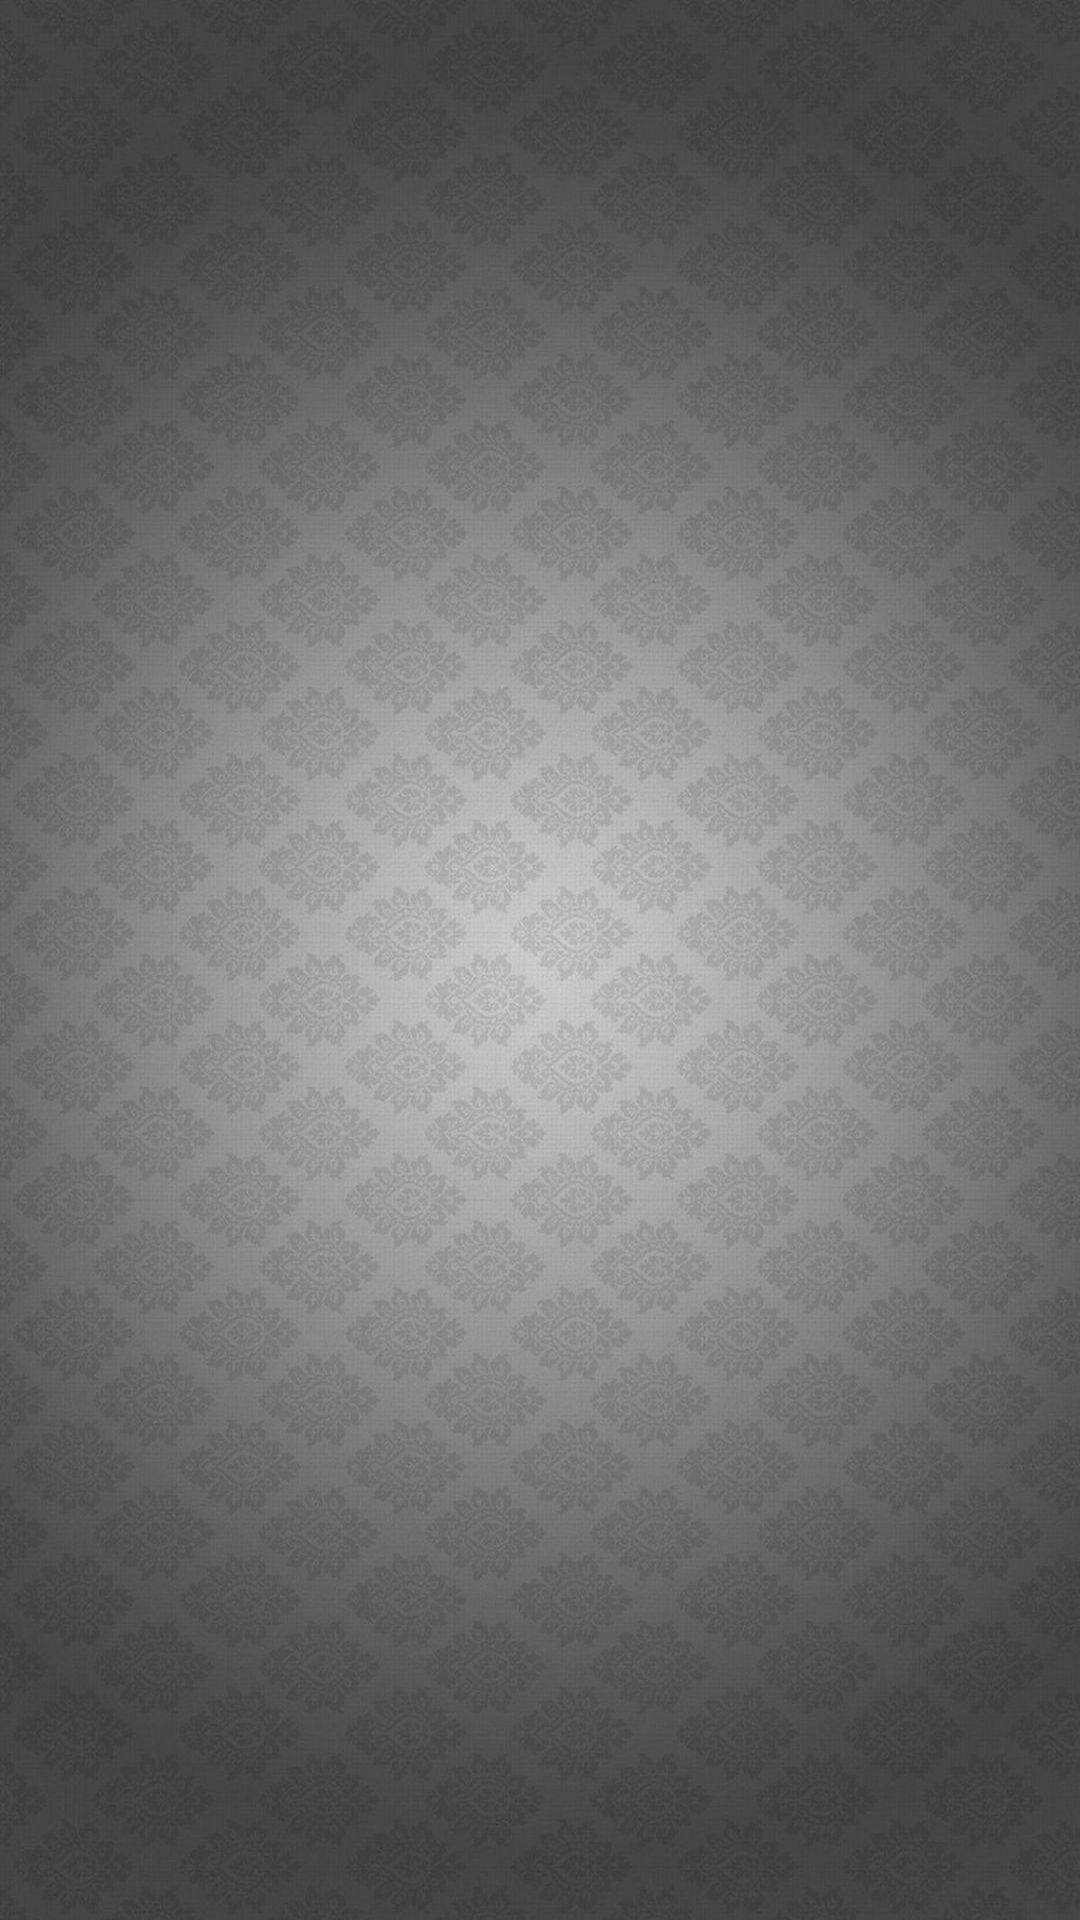 fond-ecran-pour-mobile-telechargement-gratuit_03